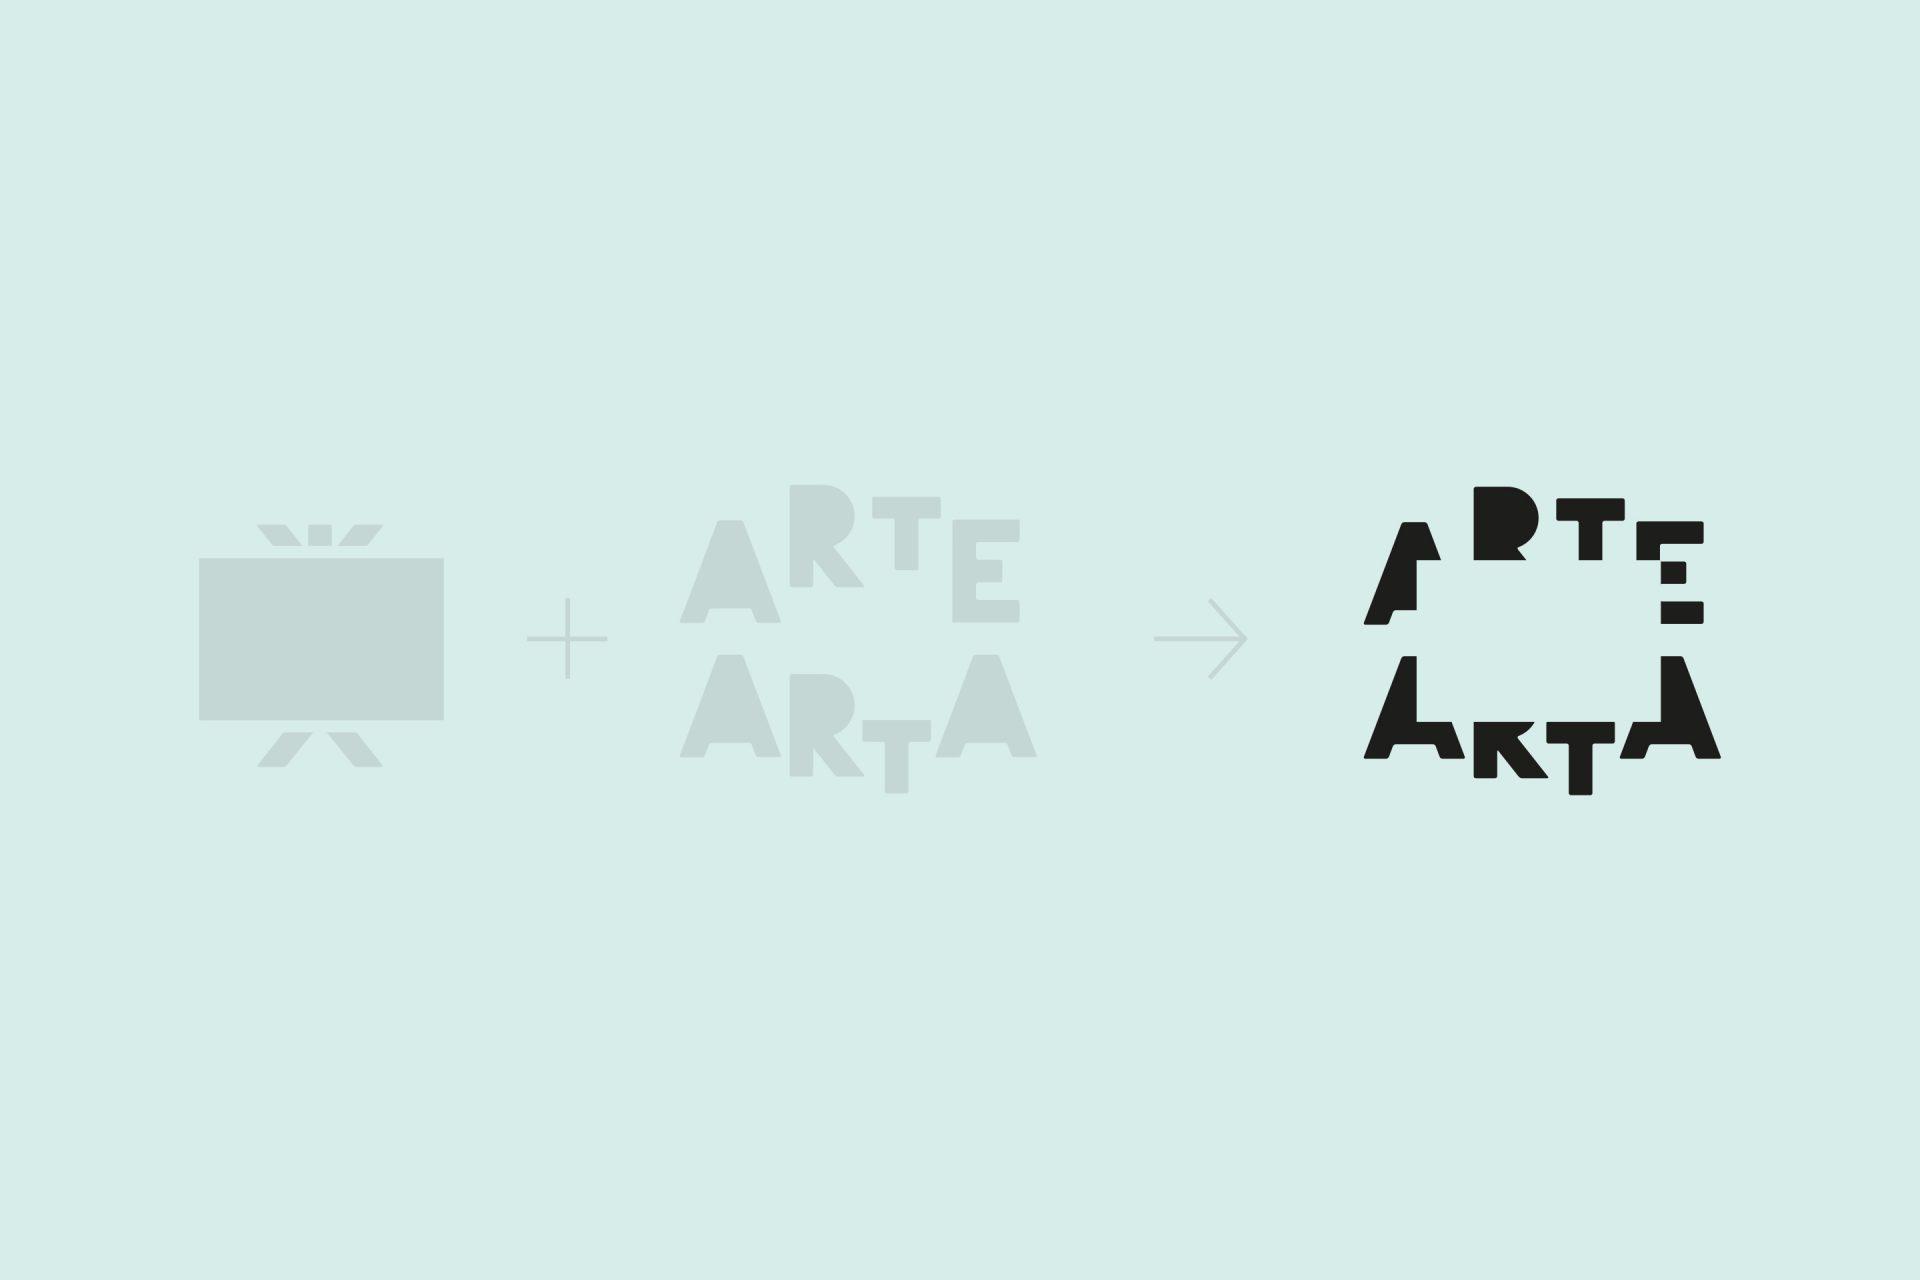 Arte Arta